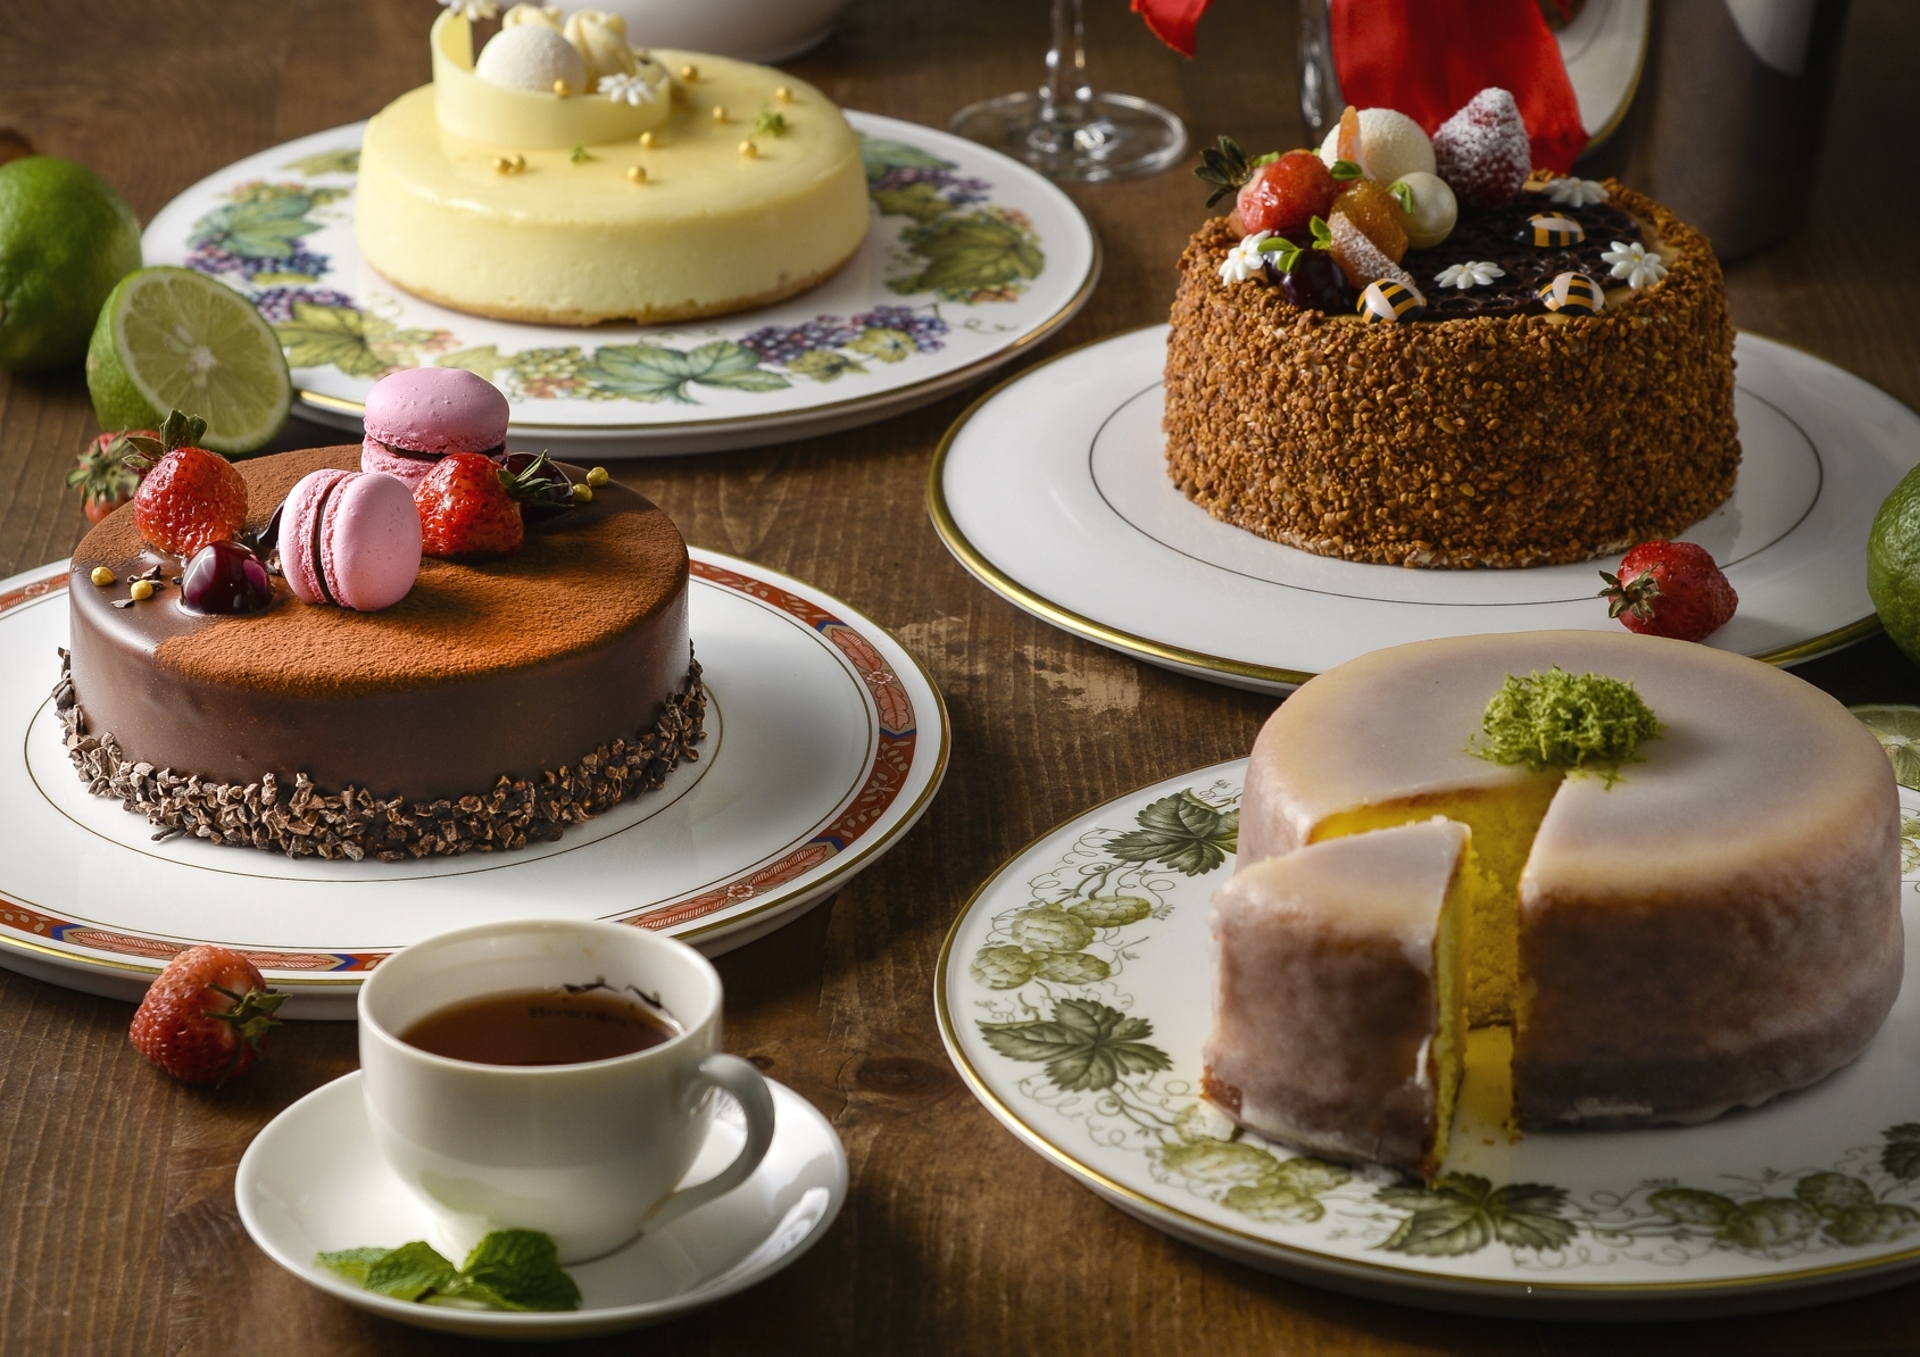 Для любимого, картинка чаепития с тортиком